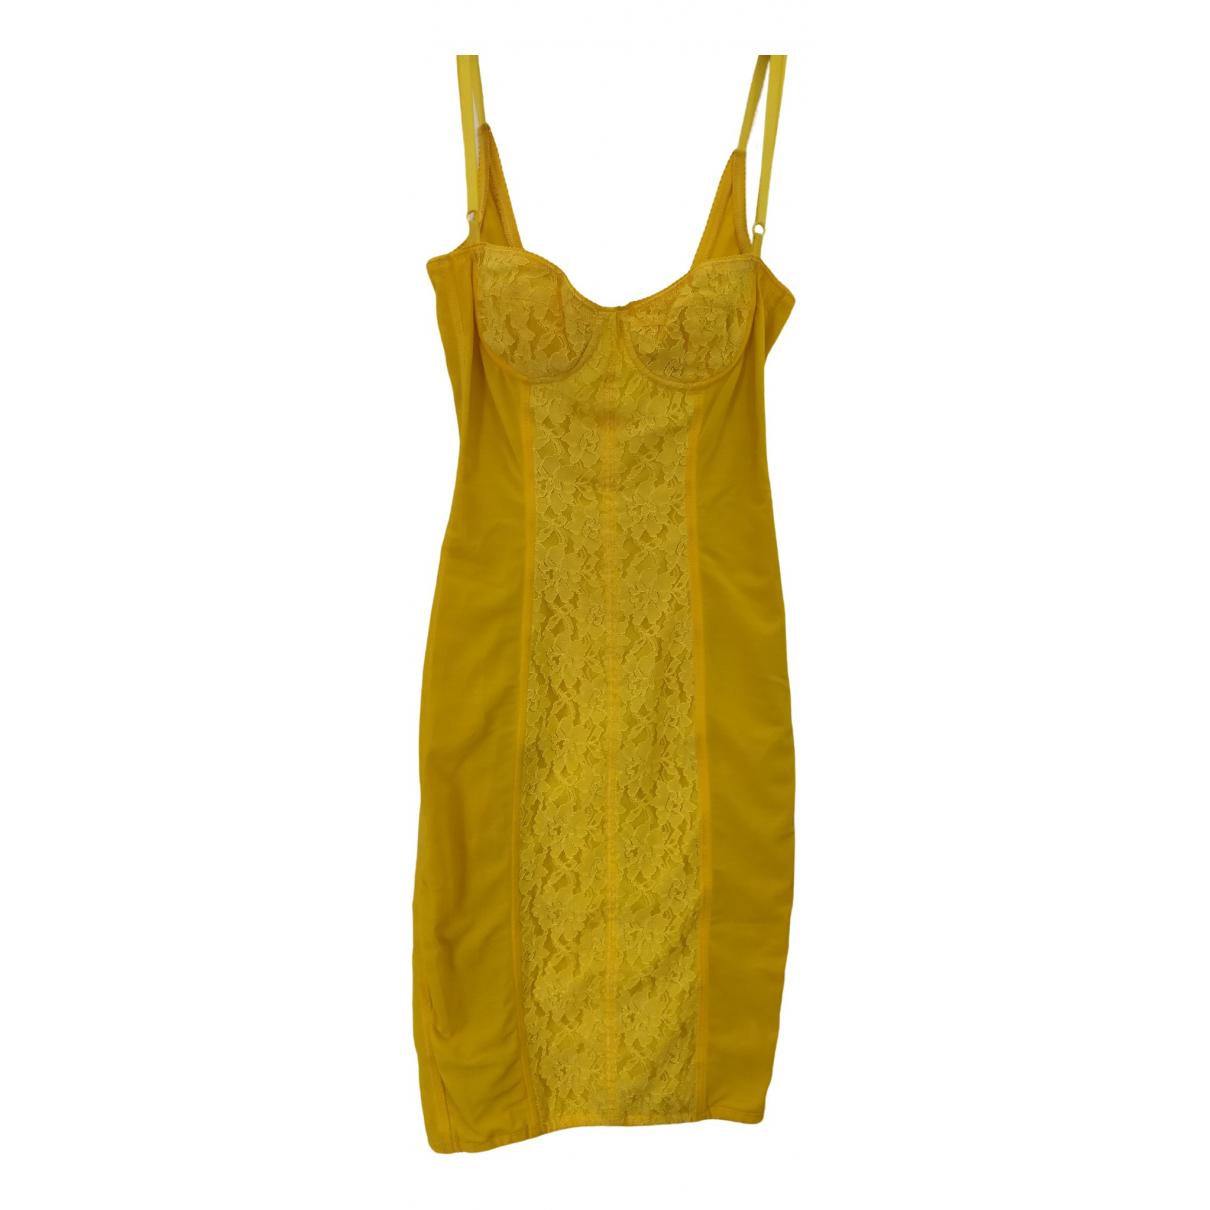 D&g - Robe   pour femme - jaune